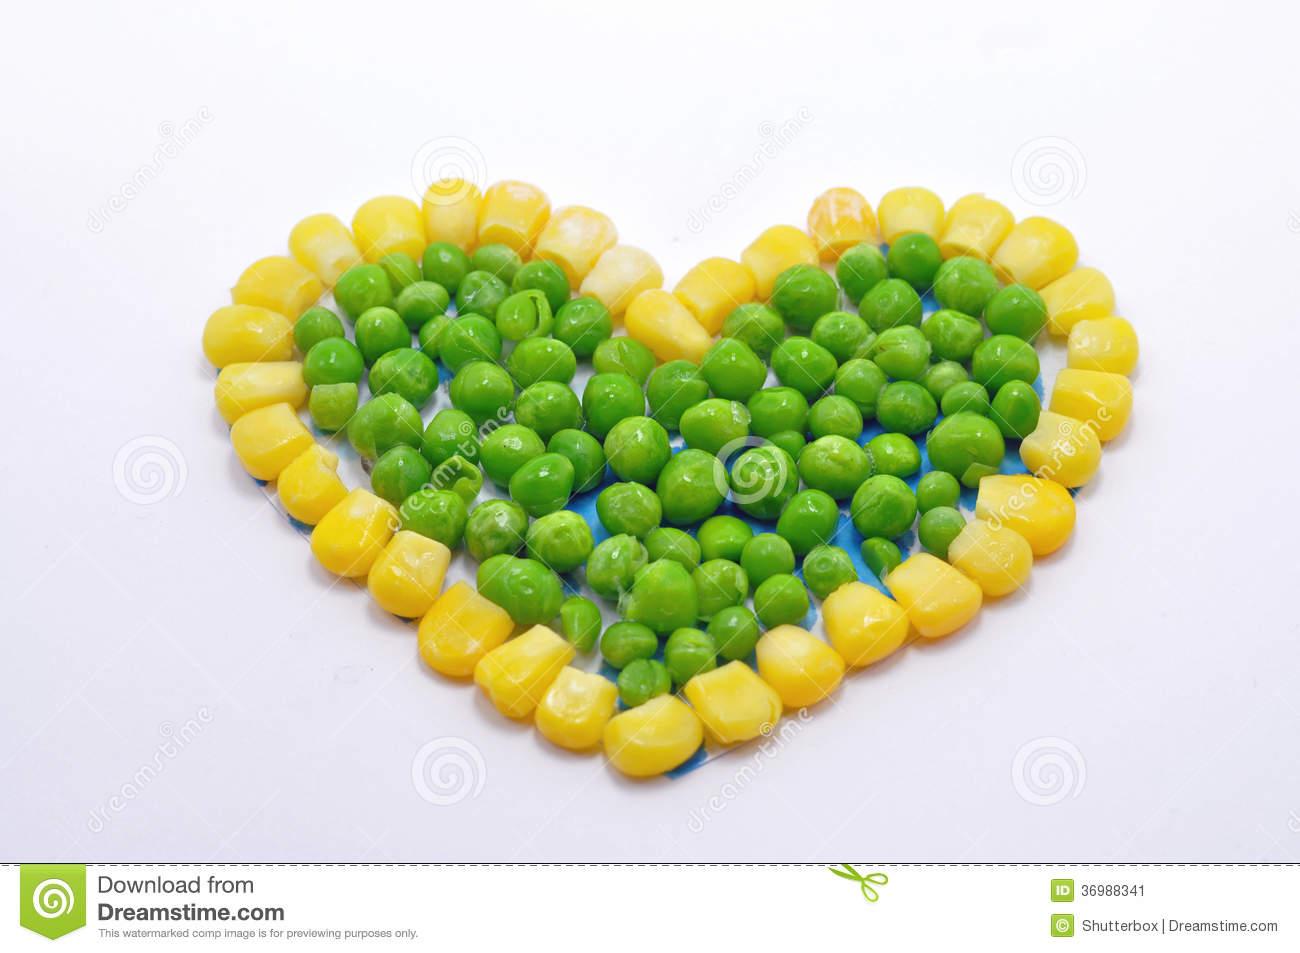 corazón-hecho-de-los-guisantes-y-del-maíz-dulce-36988341